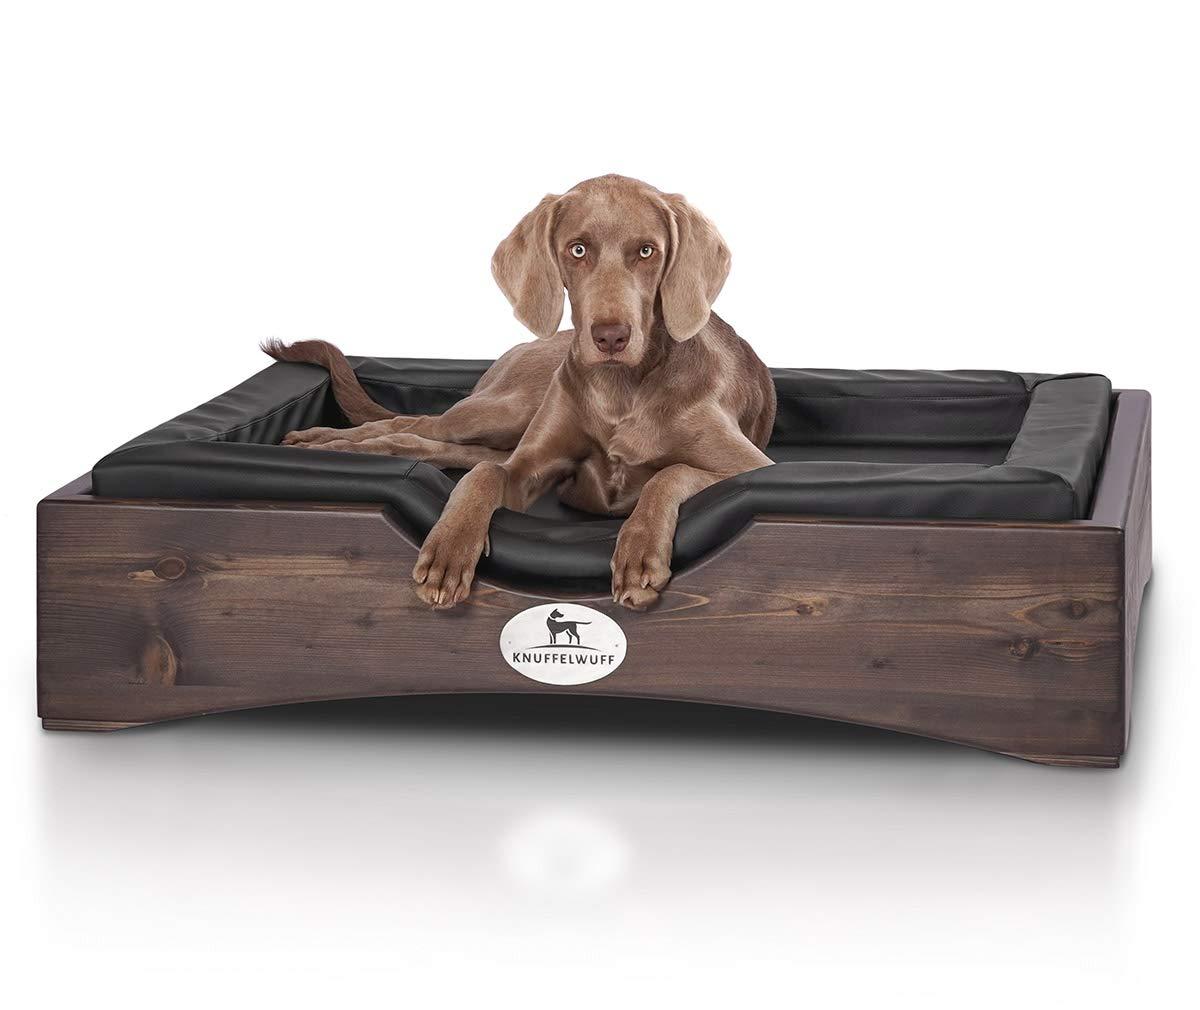 L-XL 90 x 90cm Knuffelwuff 14094-001 Wooden Dog Bed Landon